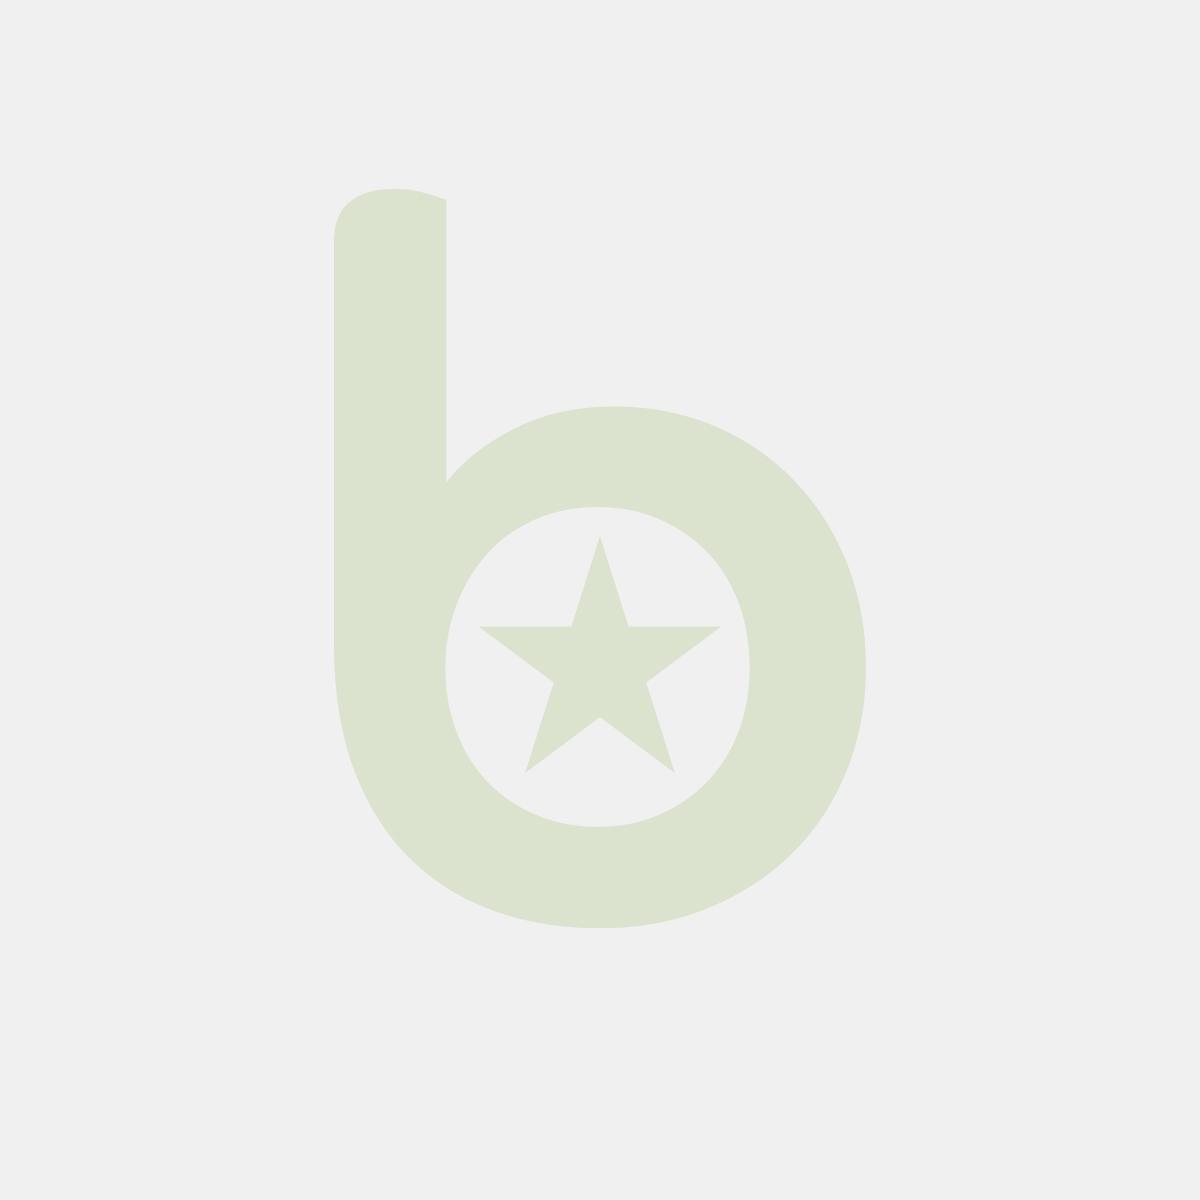 Bloczek samoprzylepny DONAU, 76x76mm, 1x100 kart., neon, różowy